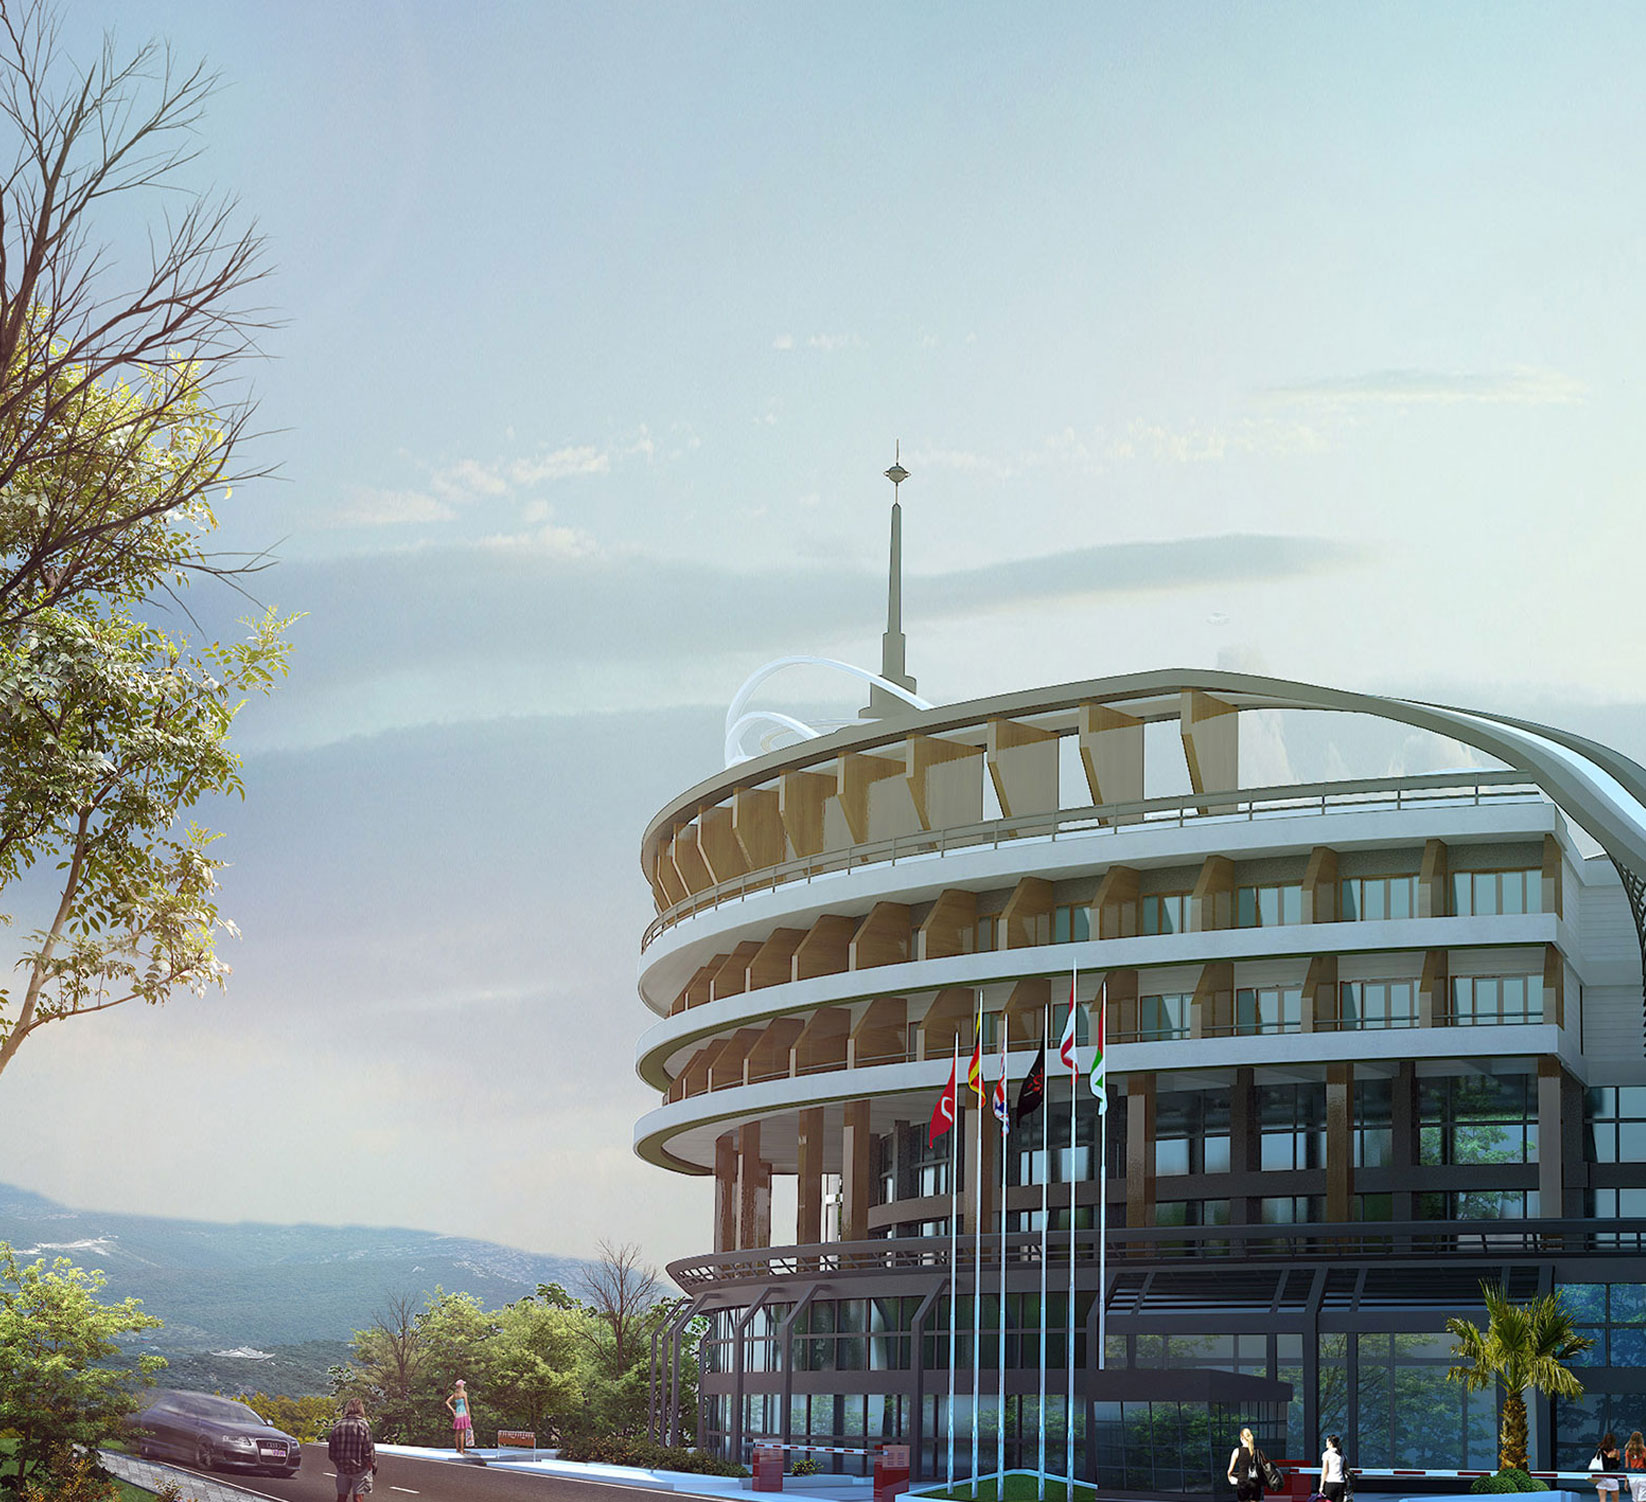 Marina 5 Star Hotel